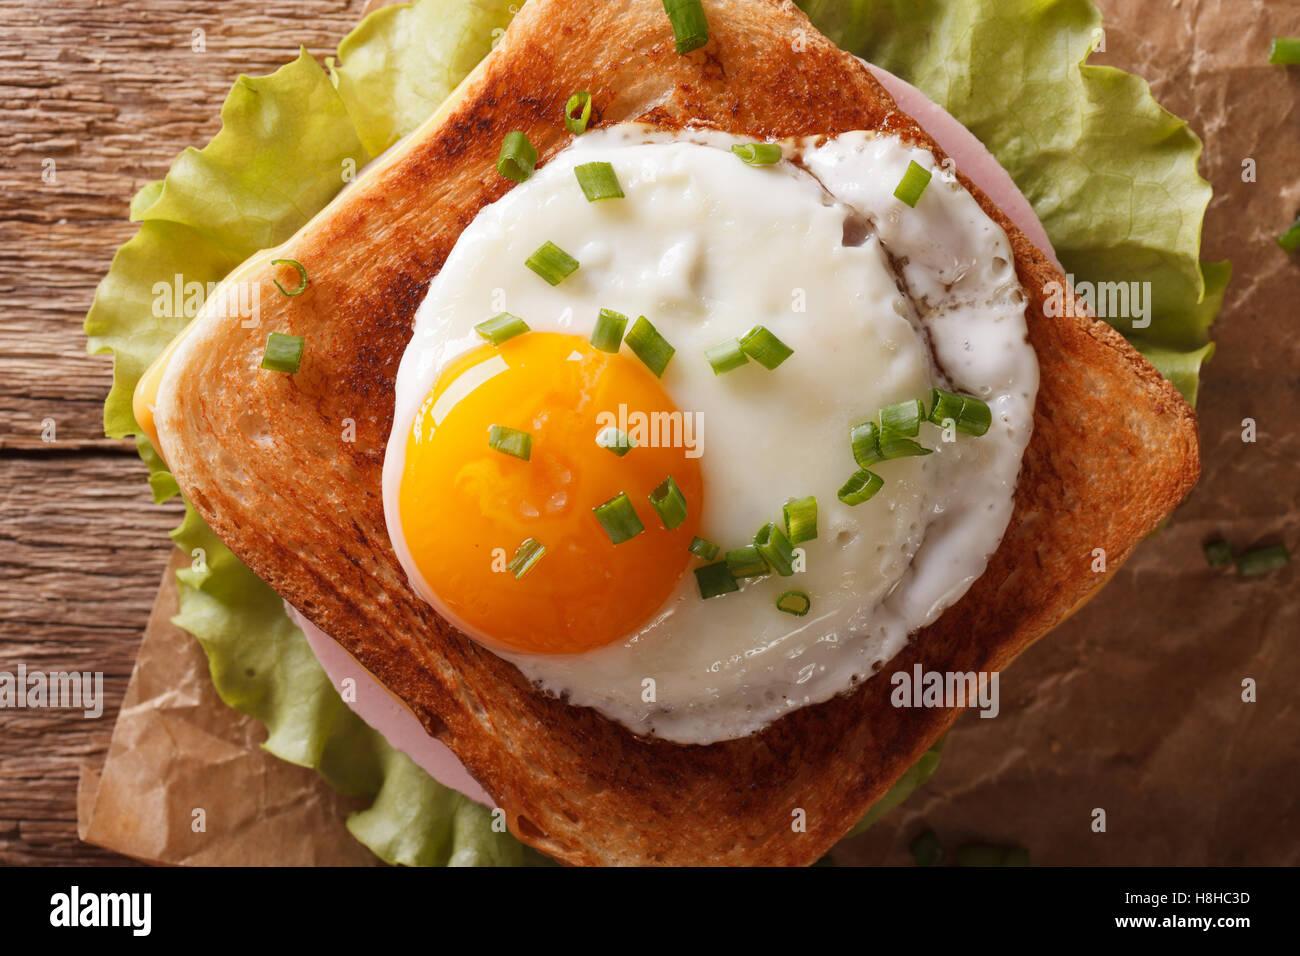 Sandwich con huevo frito, jamón, cebolla y queso Cerrar vista desde arriba de la horizontal. Imagen De Stock